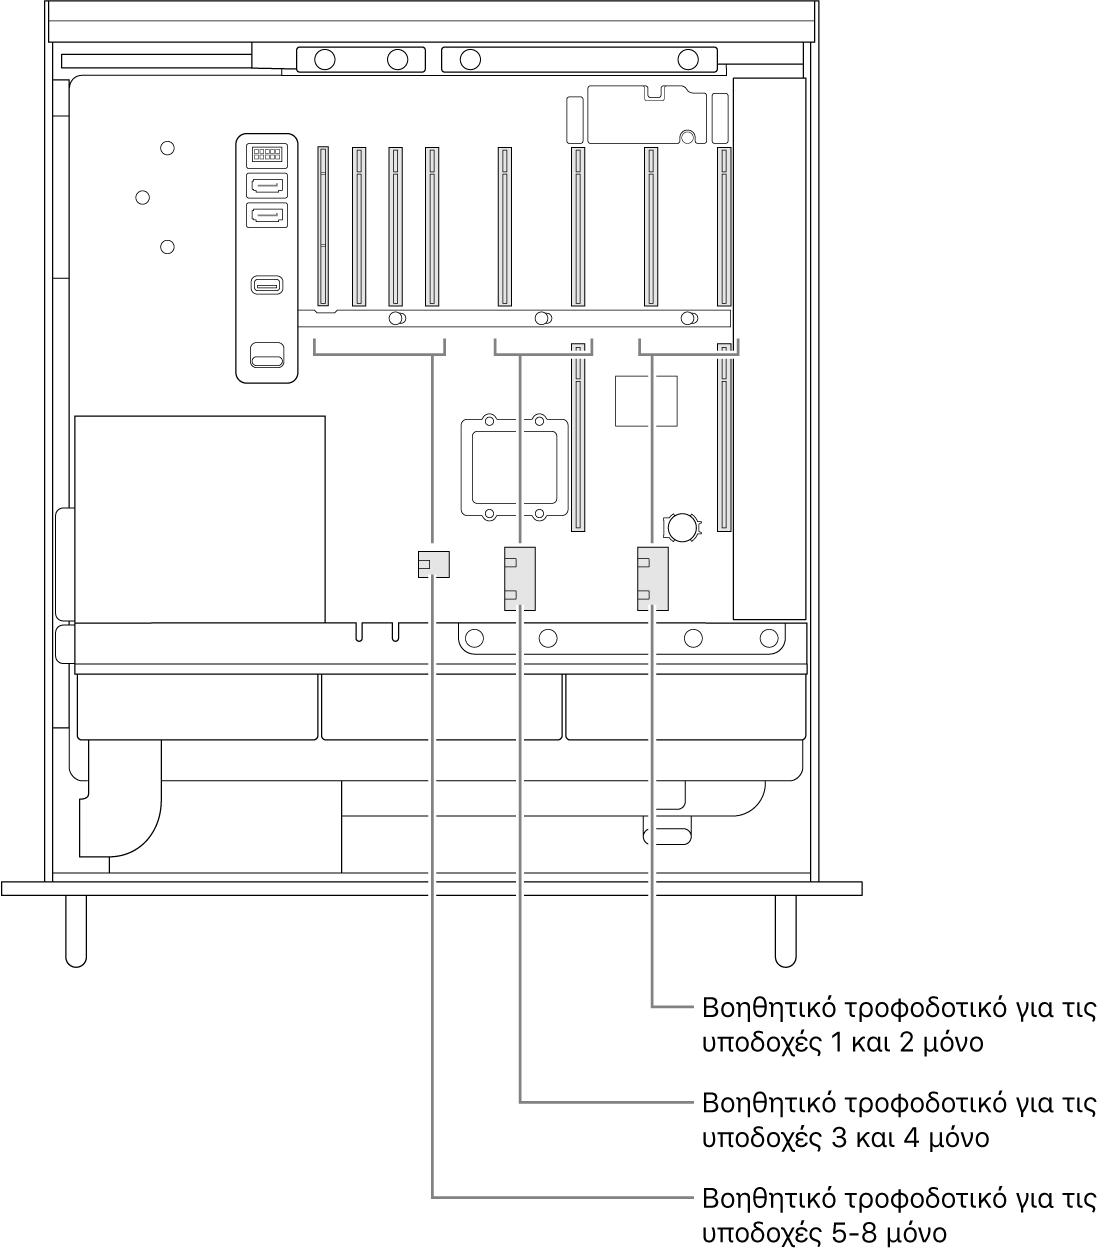 Η πλευρά του Mac Pro ανοιχτή με επεξηγήσεις που υποδεικνύουν ποιες θέσεις σχετίζονται με ποιους βοηθητικούς συνδέσμους τροφοδοσίας.